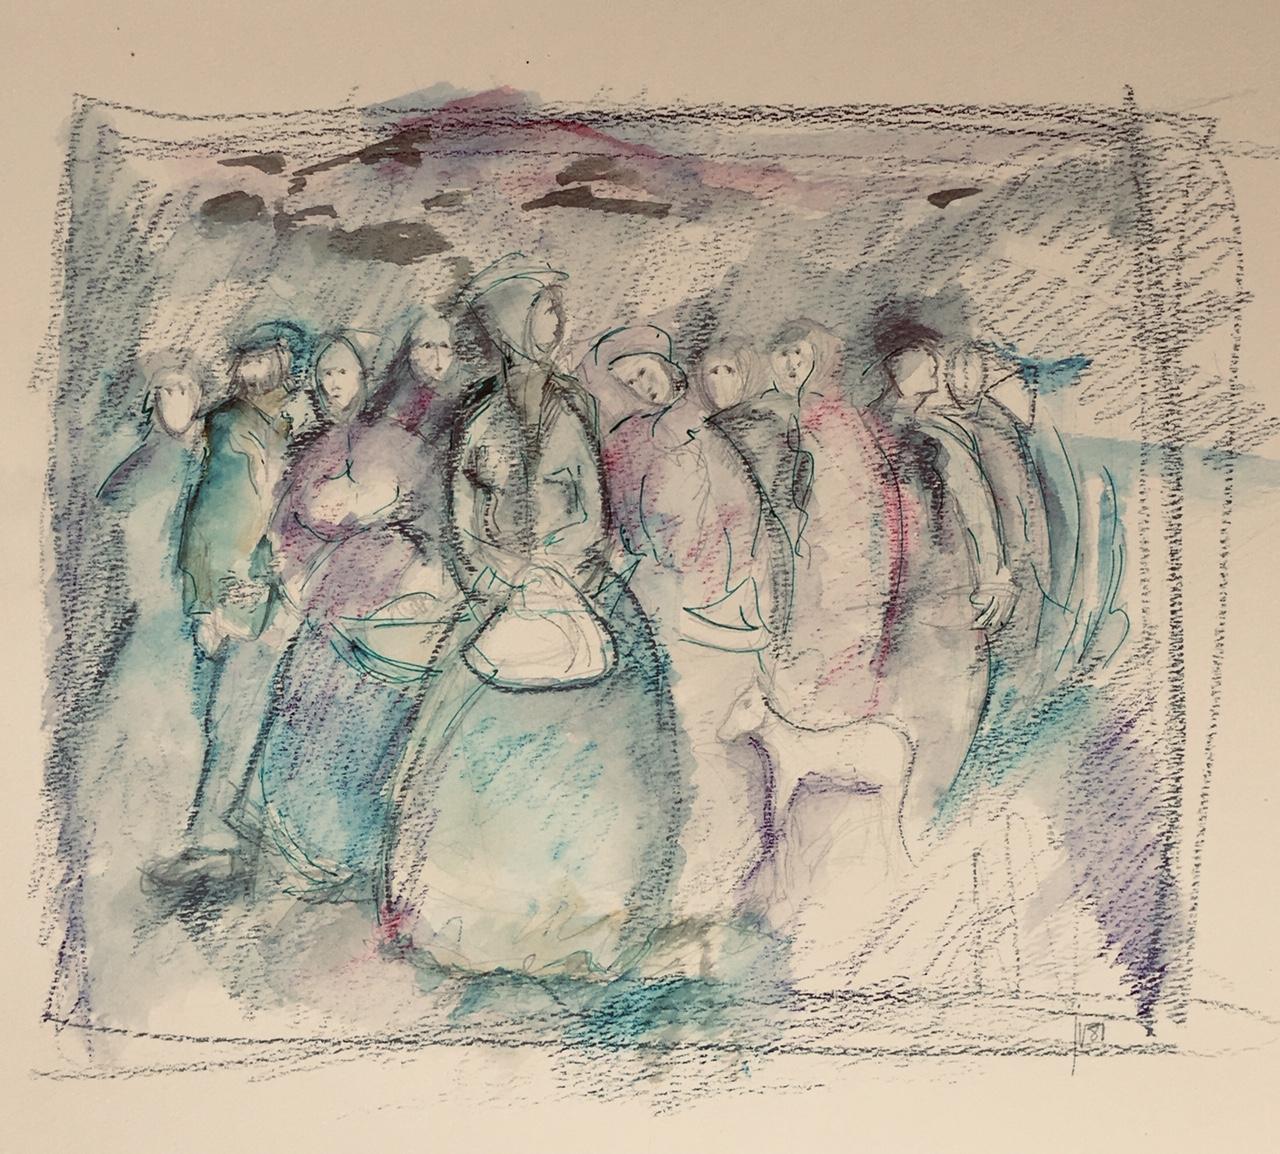 Déplacements , crayon et aquarelle, Jean Véronneau (1981)